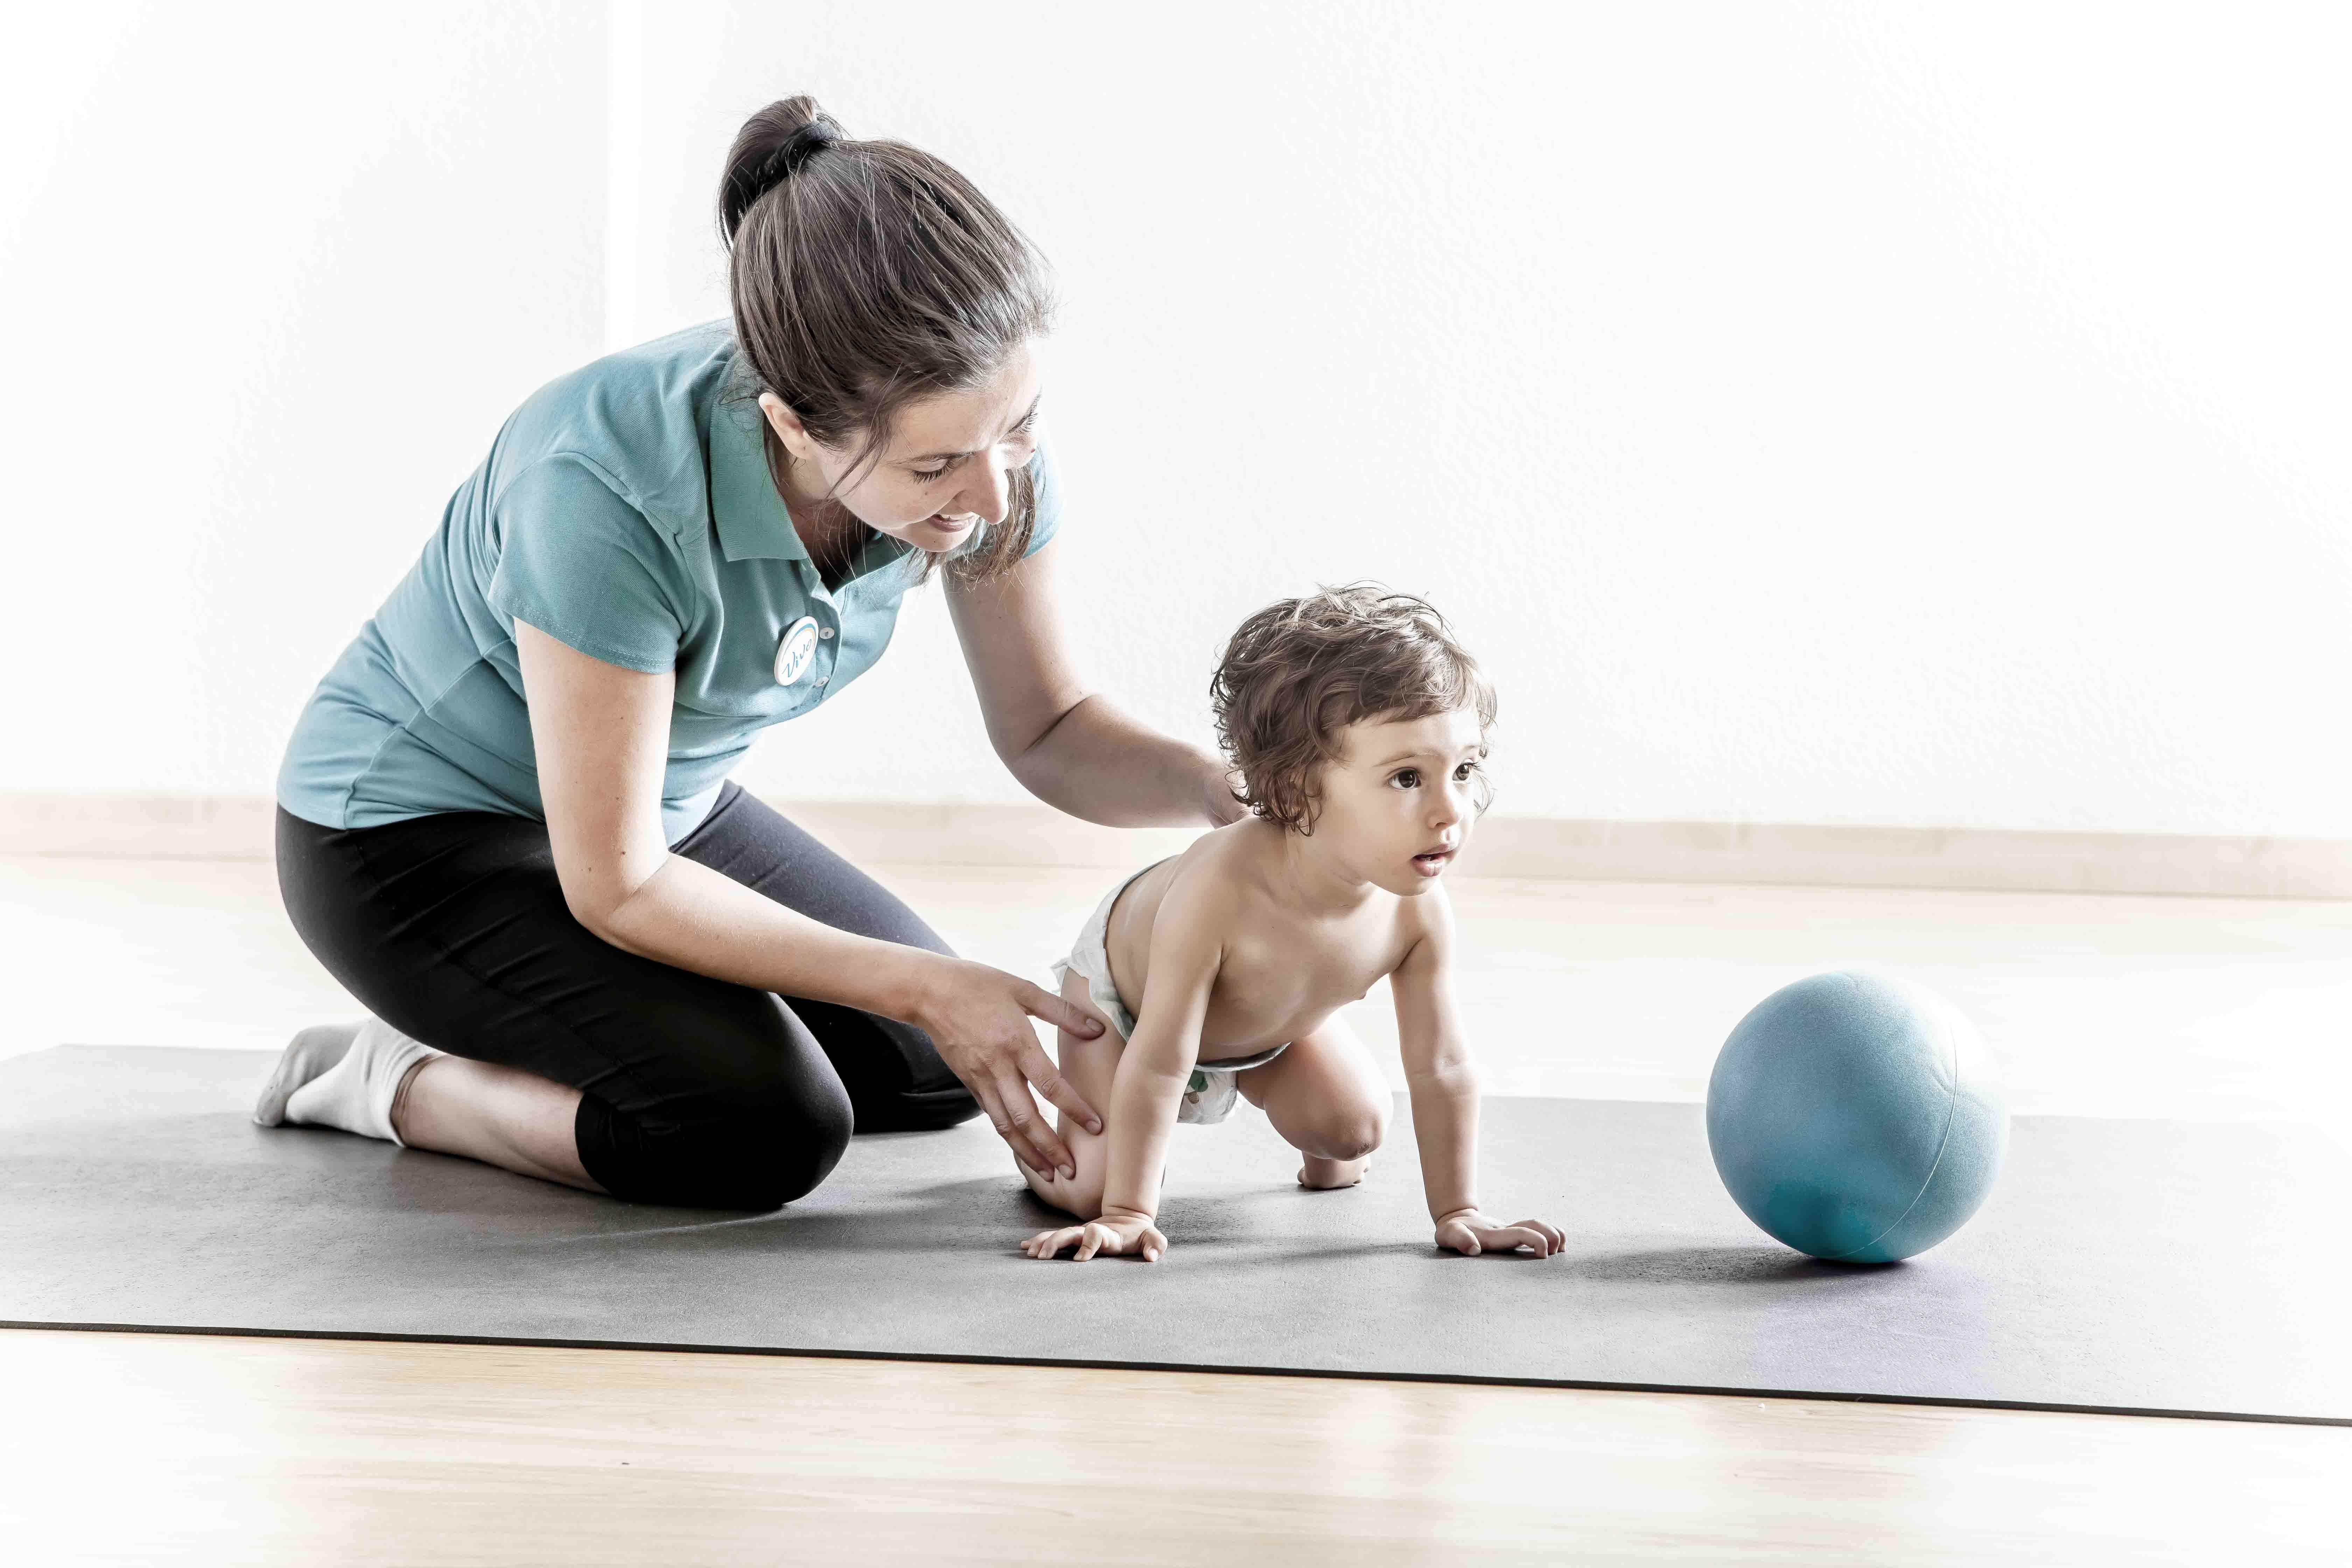 displasia de cadera en niños